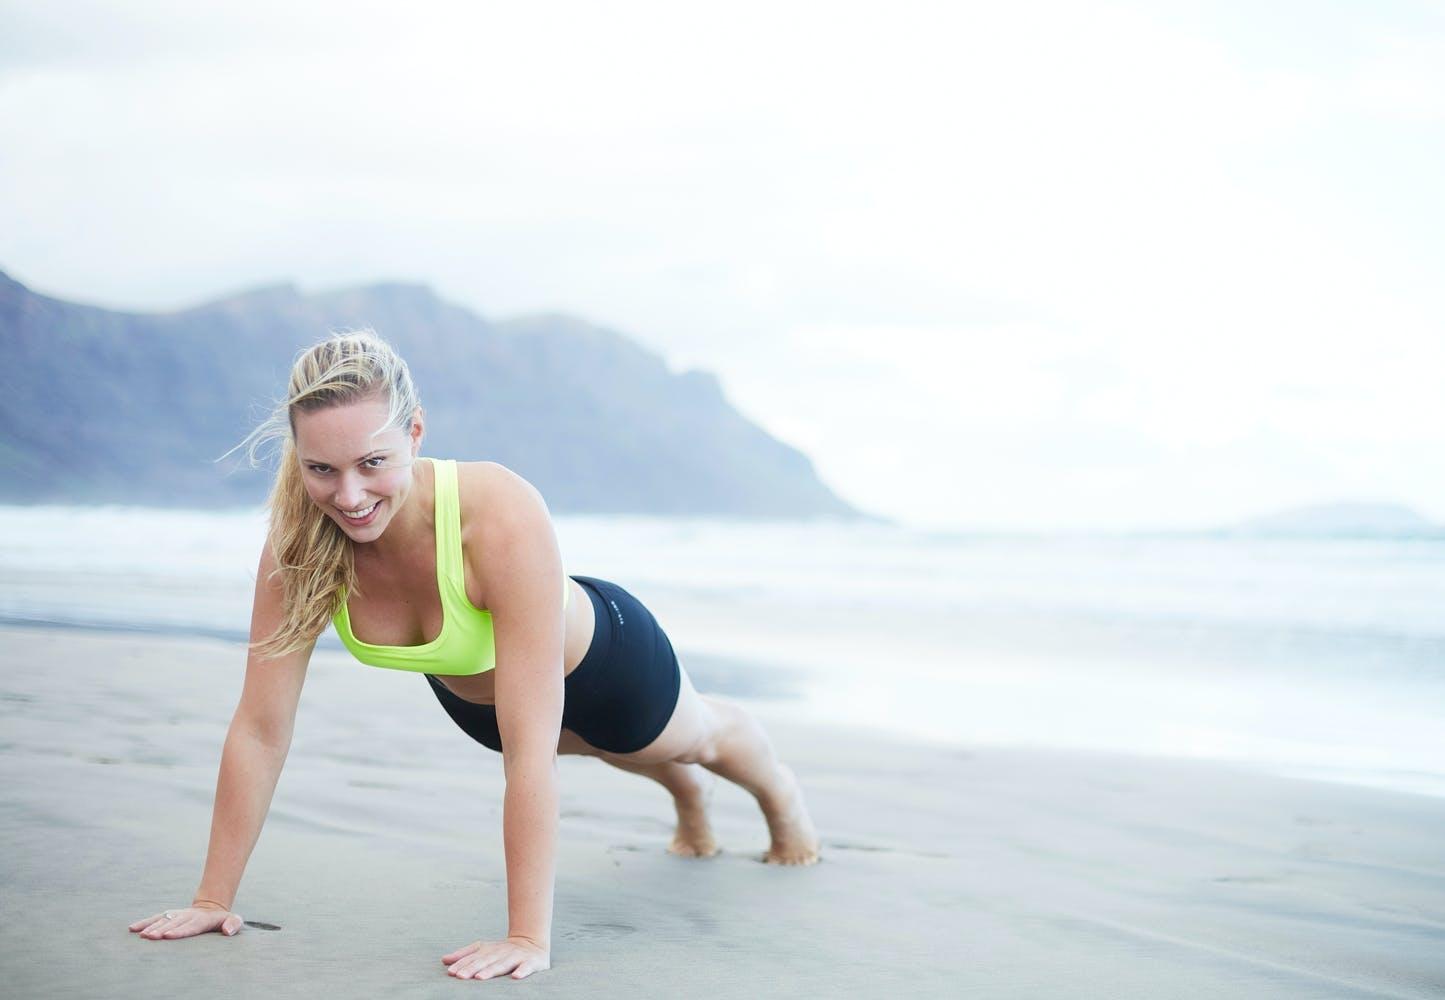 Træn dig i bikiniform på 8 uger | Iform.dk